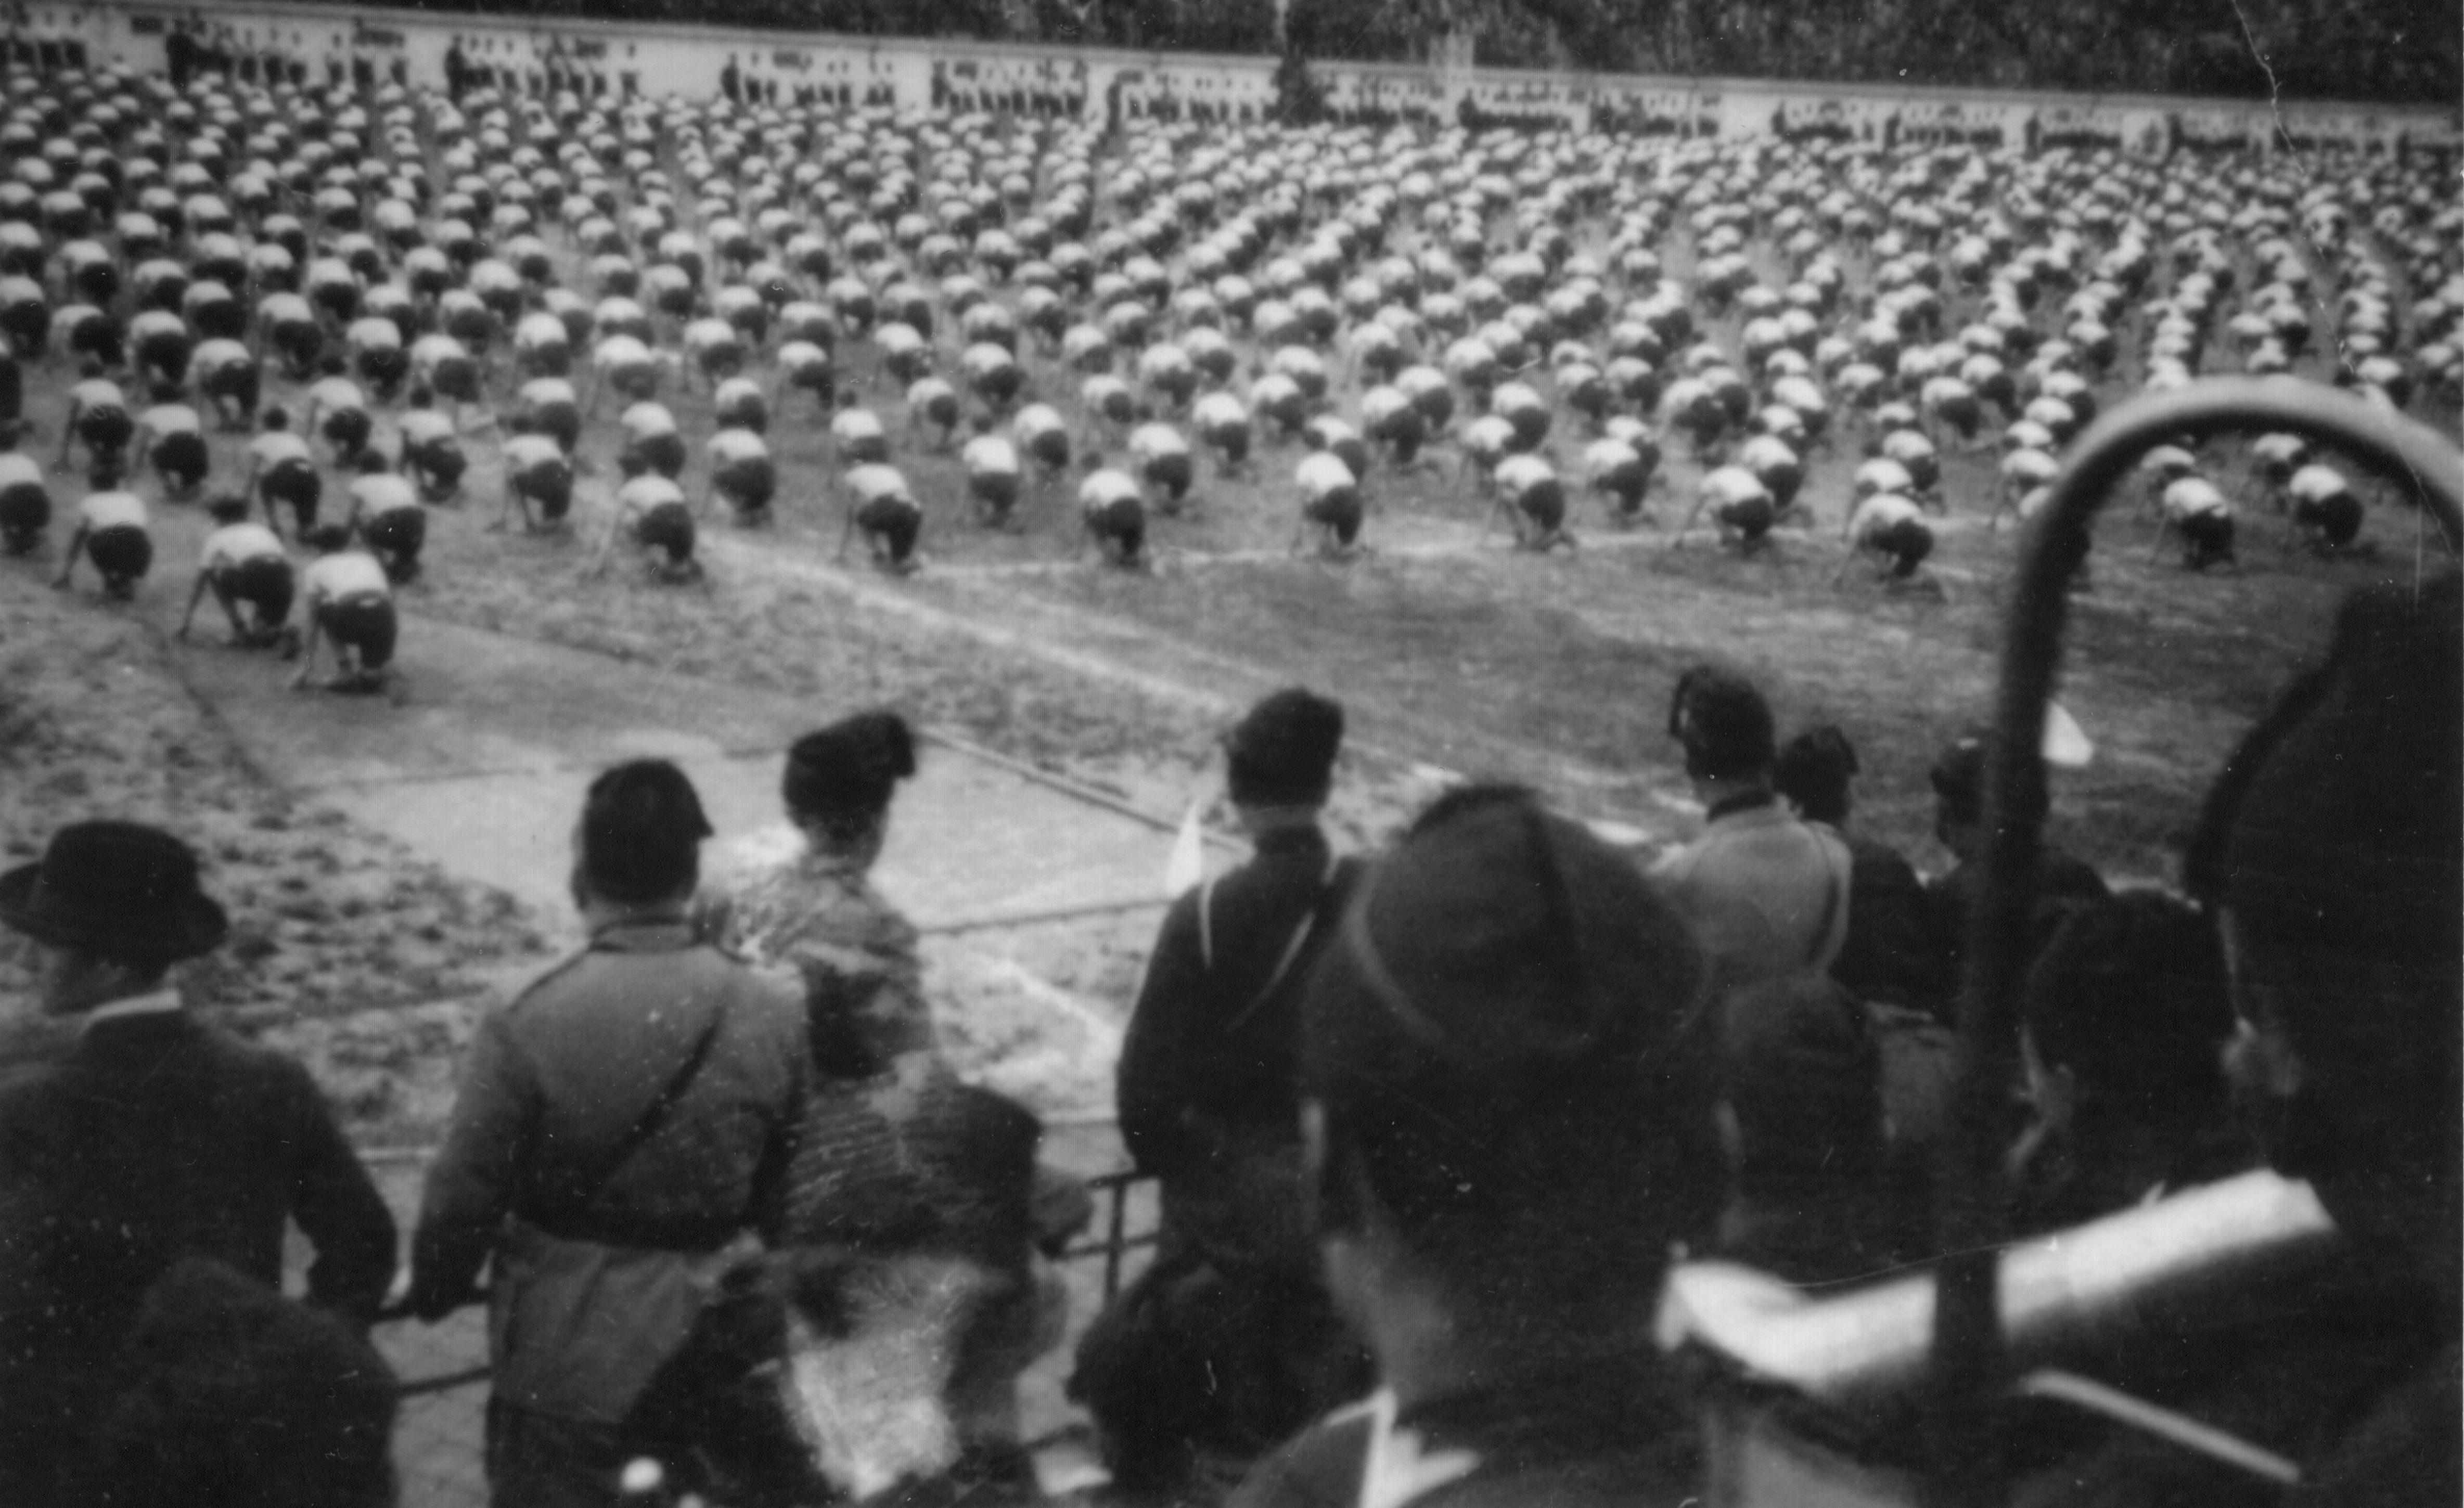 Un saggio ginnico pubblico eseguito al Concorso Dux, durante il periodo fascista. Licenza GNU 1.2